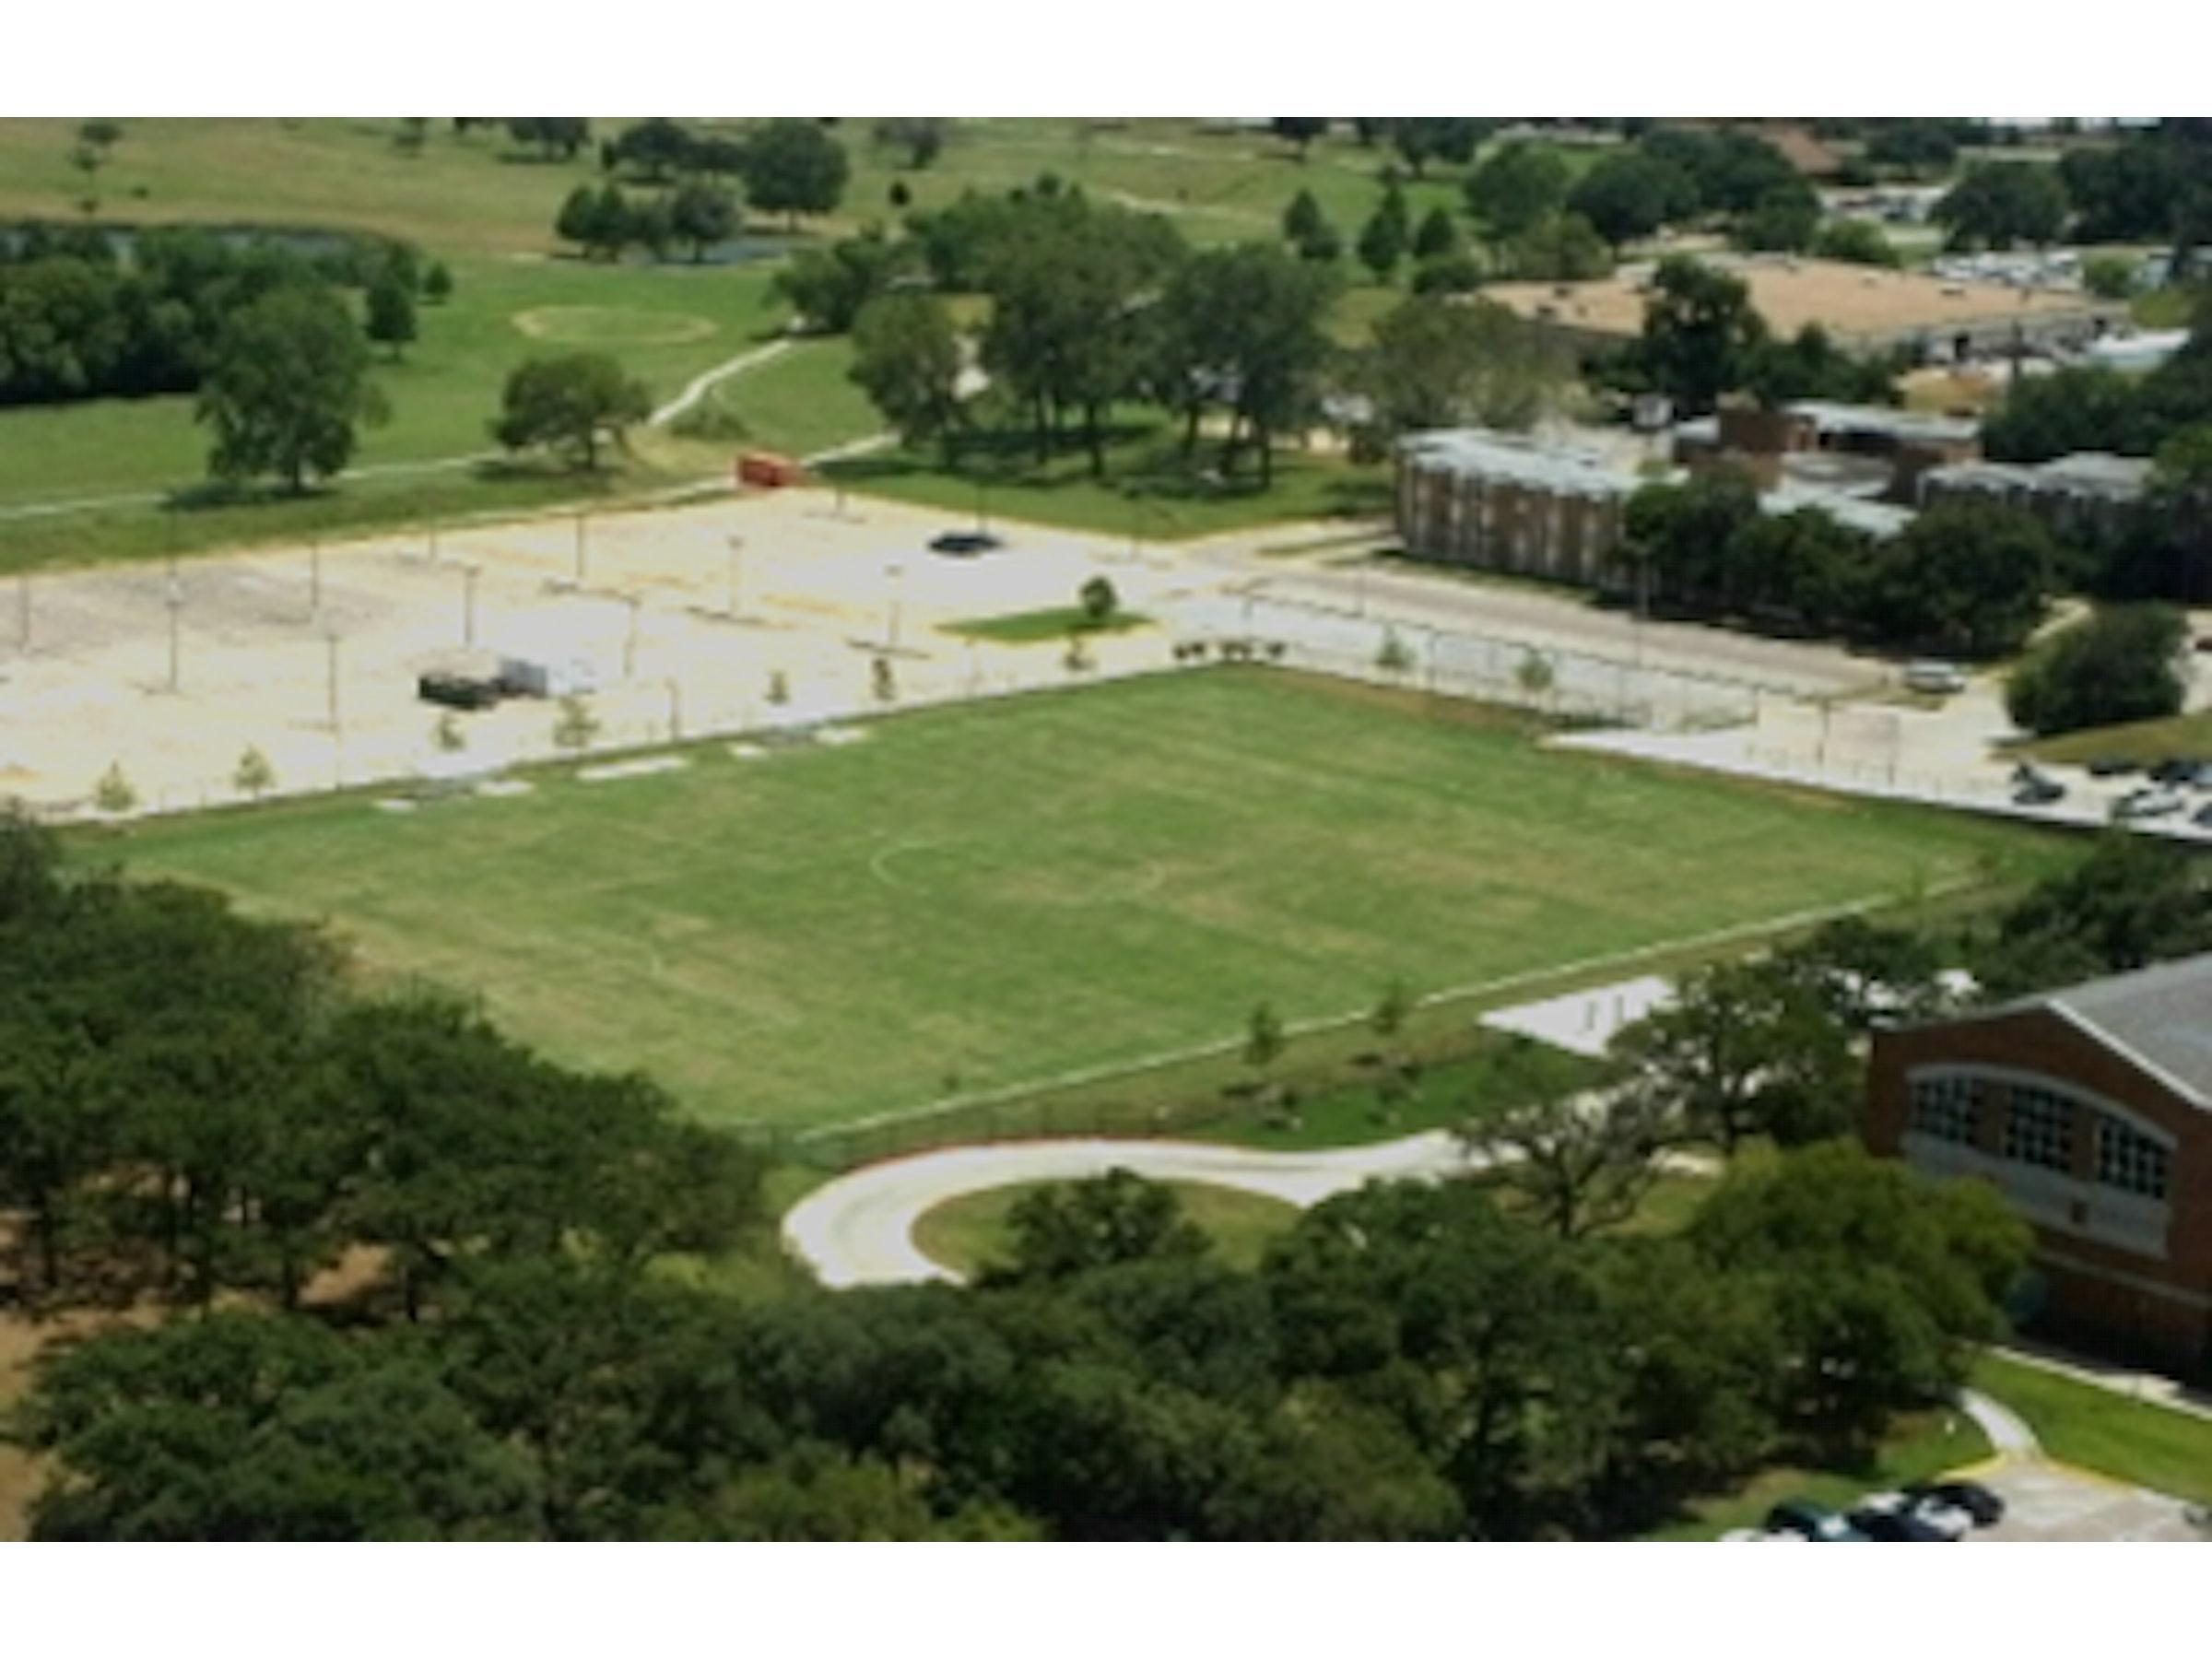 TWU Soccer Field in Beyond Dallas